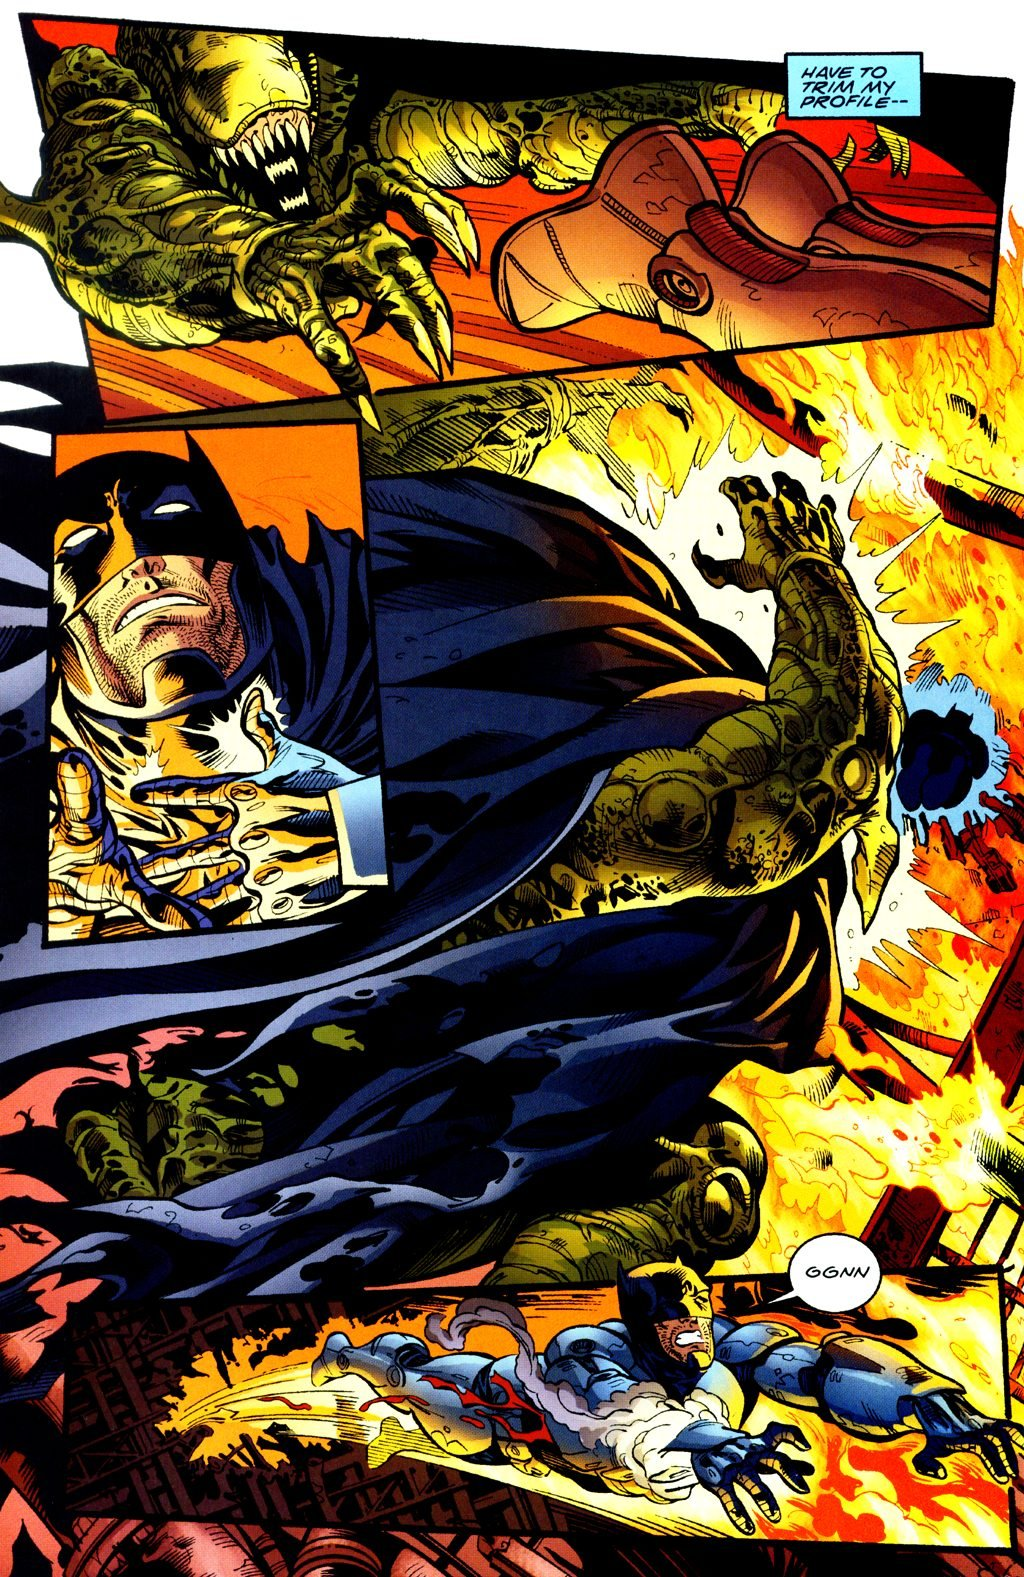 Бэтмен против Чужого?! Безумные комикс-кроссоверы сксеноморфами | Канобу - Изображение 19